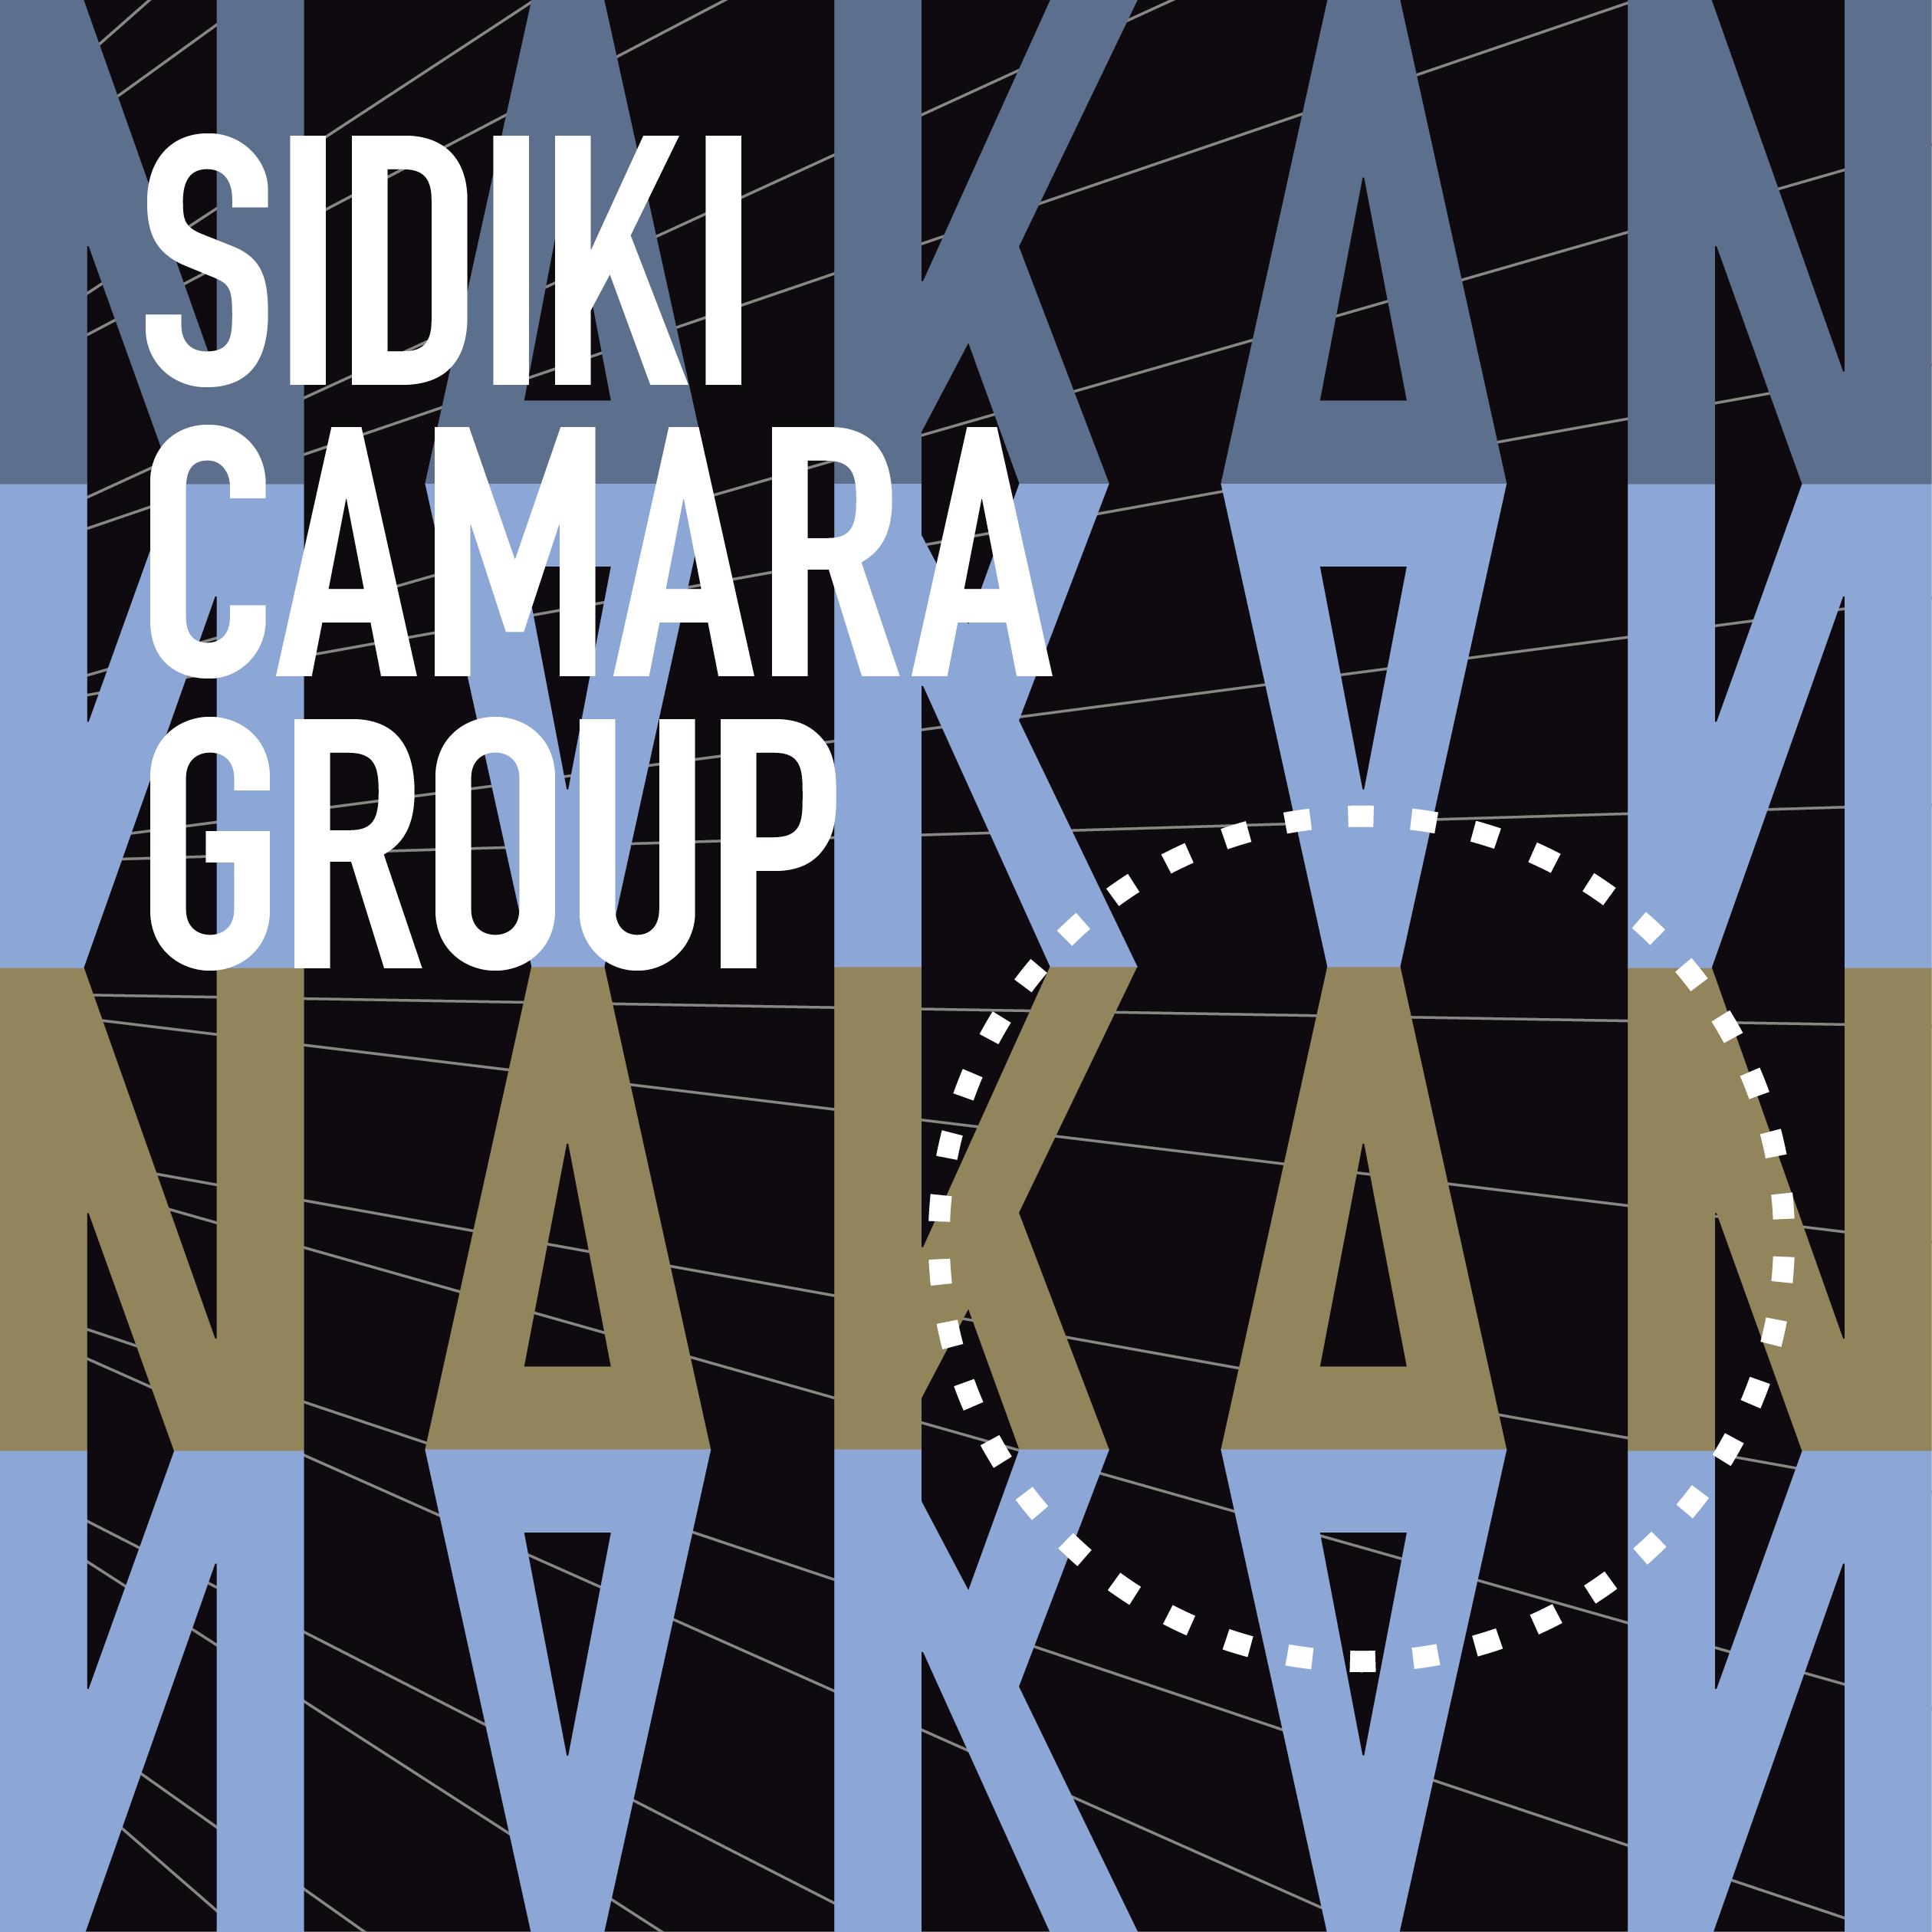 Nakan album cover